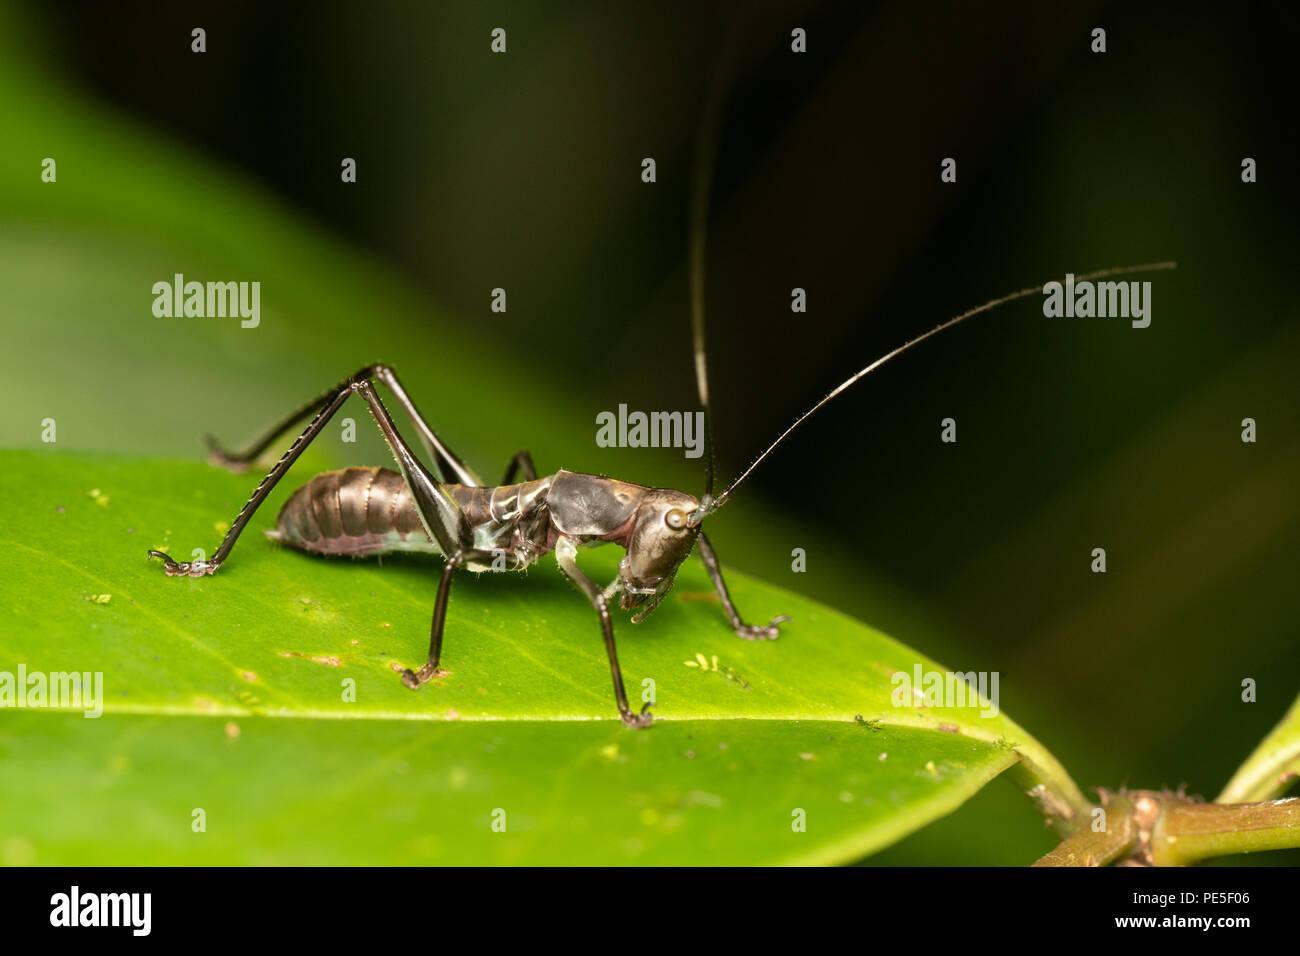 Eine Phaneropterinae Nymphe imitiert eine Ameise für Schutz - seine Mimik enthält visuelle und gut als Bewegung einer Ameise zu imitieren. Stockbild